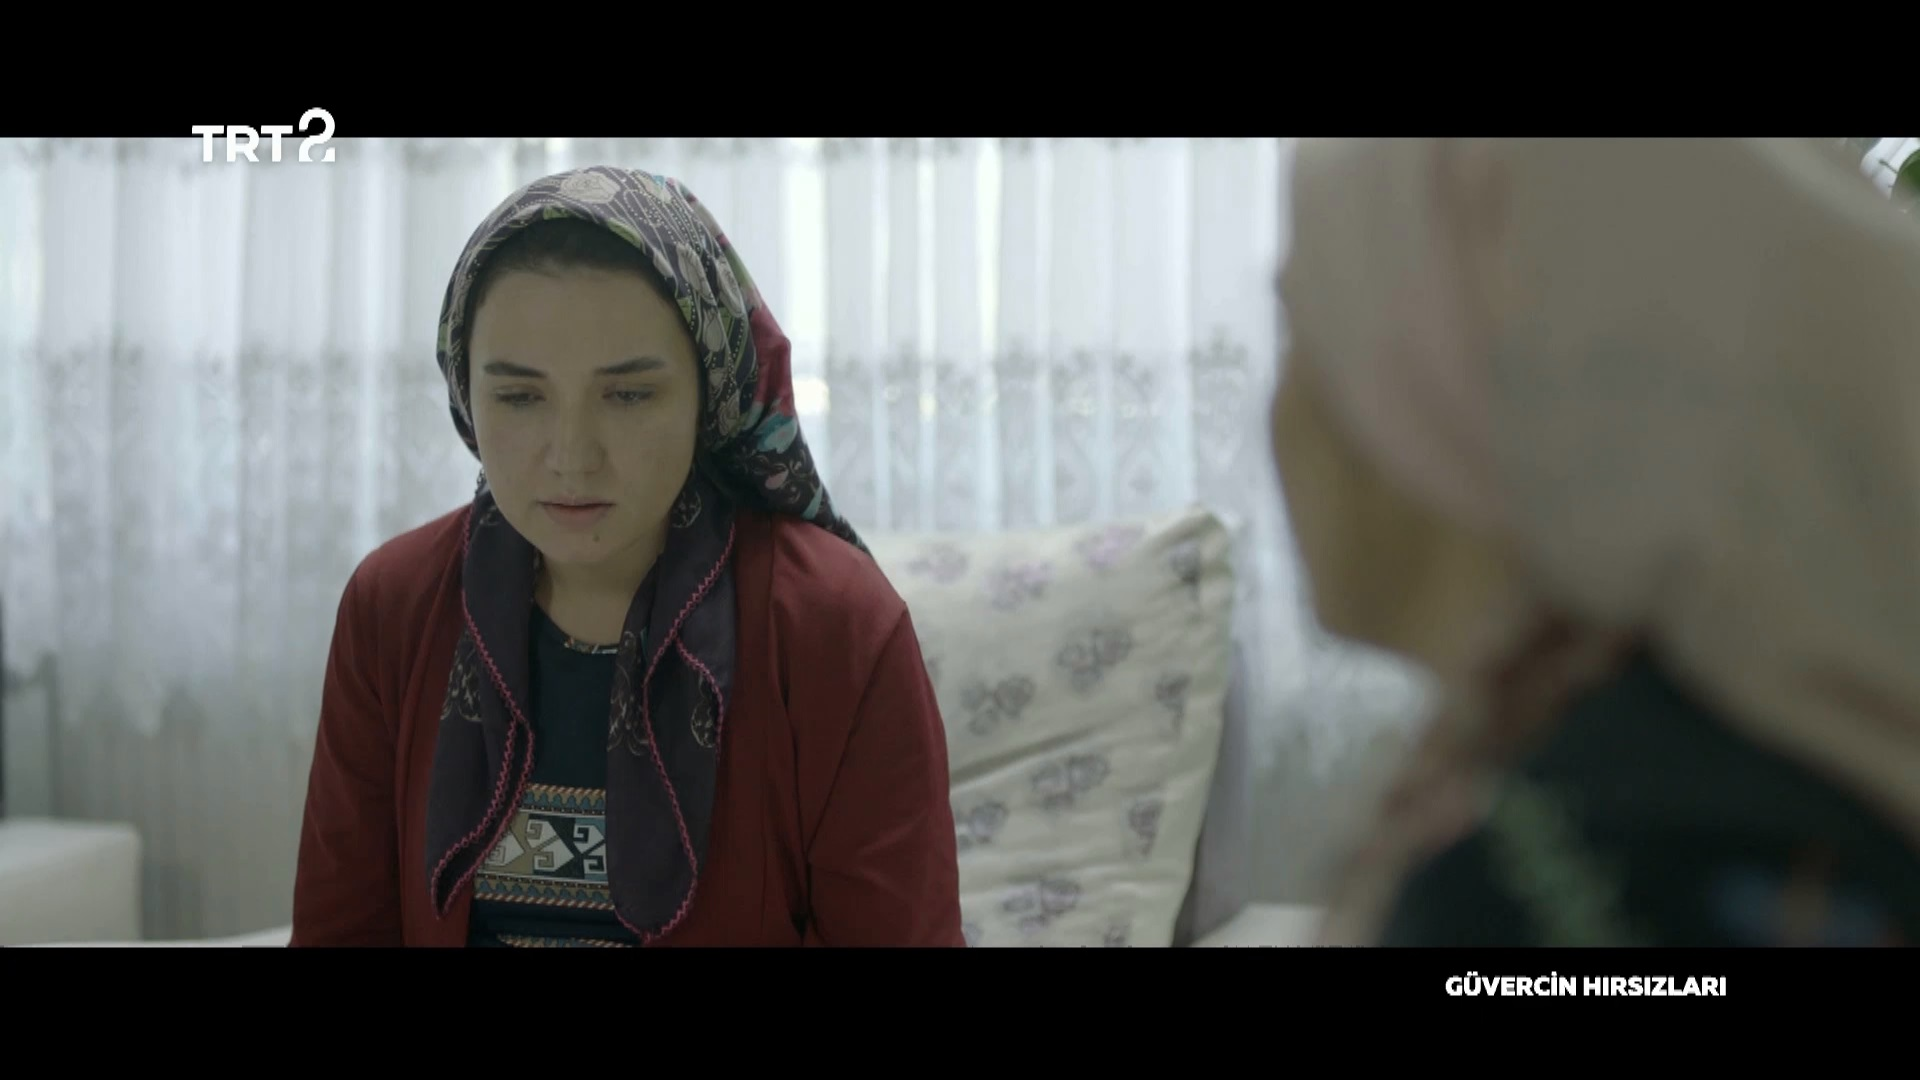 Güvercin Hırsızları | 2019 | Yerli Film | HDRip | XviD | m720p - m1080p | HDTV | Tek Link